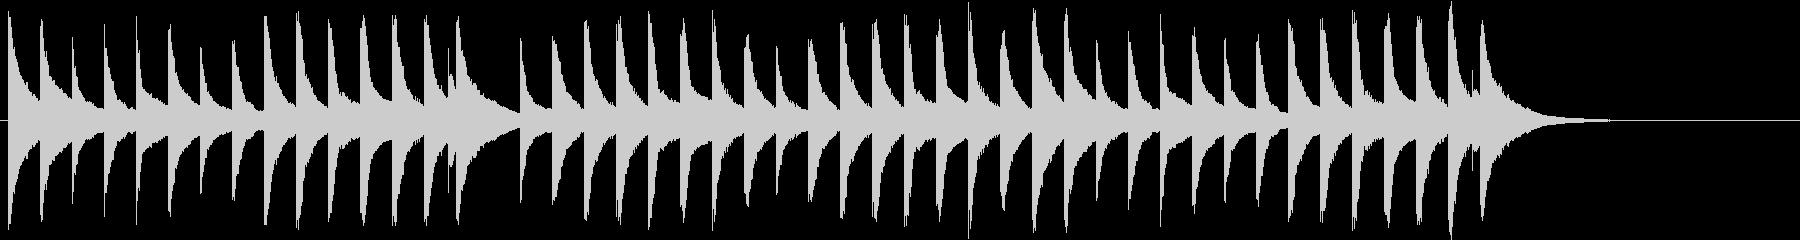 キラキラ星をオルゴールでの未再生の波形